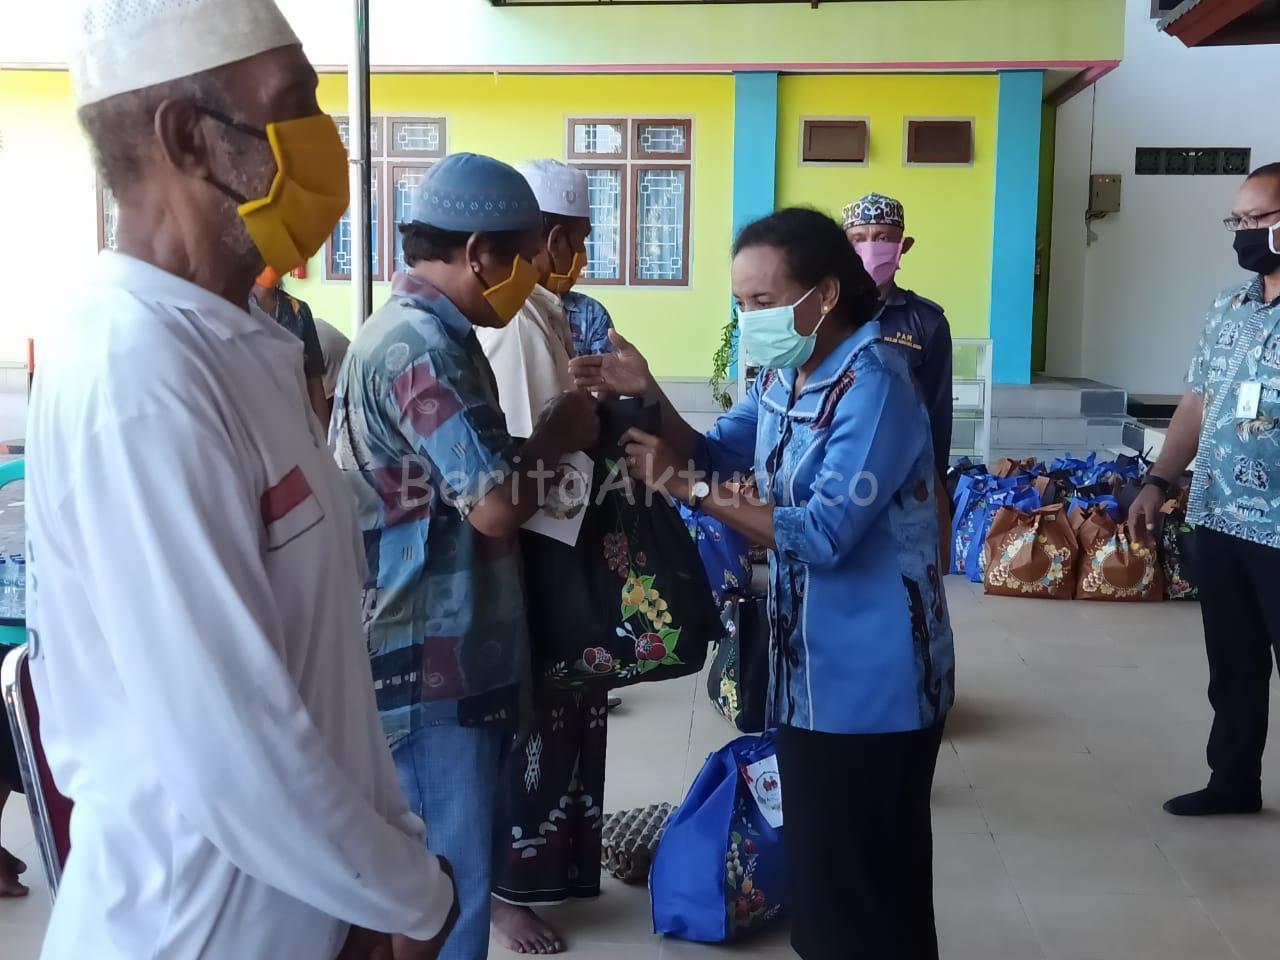 Peduli Umat, Keluarga Mandacan-Kiriweno Serahkan 1.250 Paket Bapok ke Gereja Dan Masjid 2 IMG 20200416 WA0054